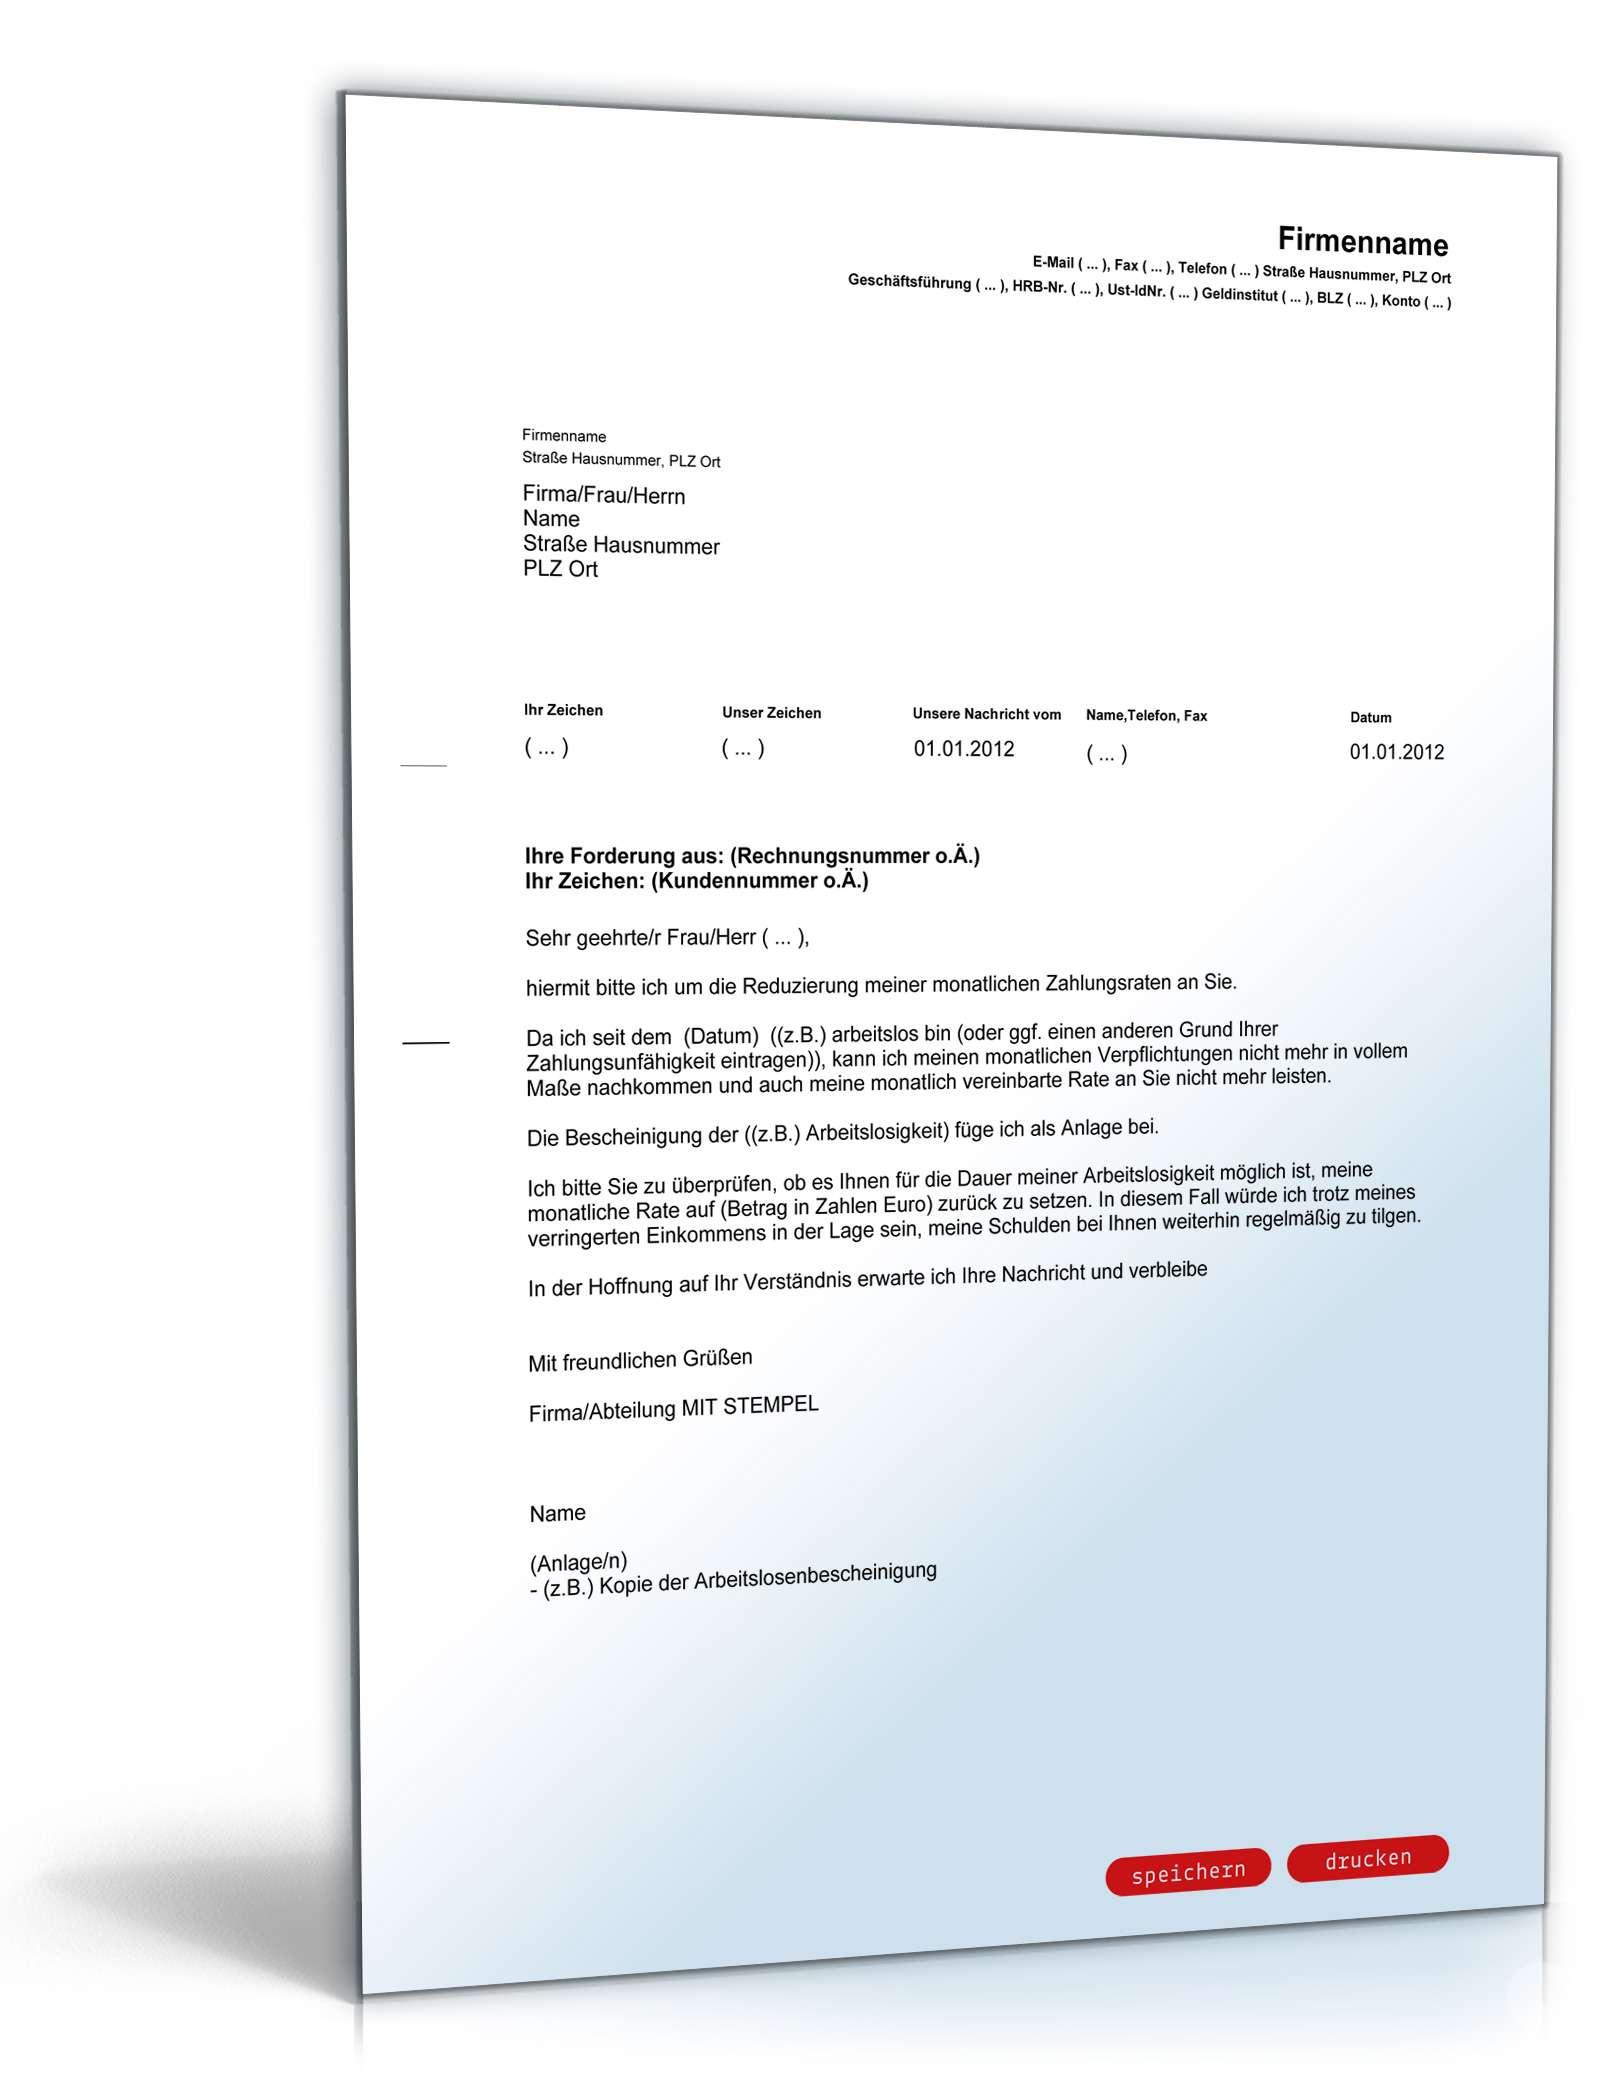 Musterbriefe Gläubiger : Antrag auf reduzierung der zahlungsraten musterbrief zum